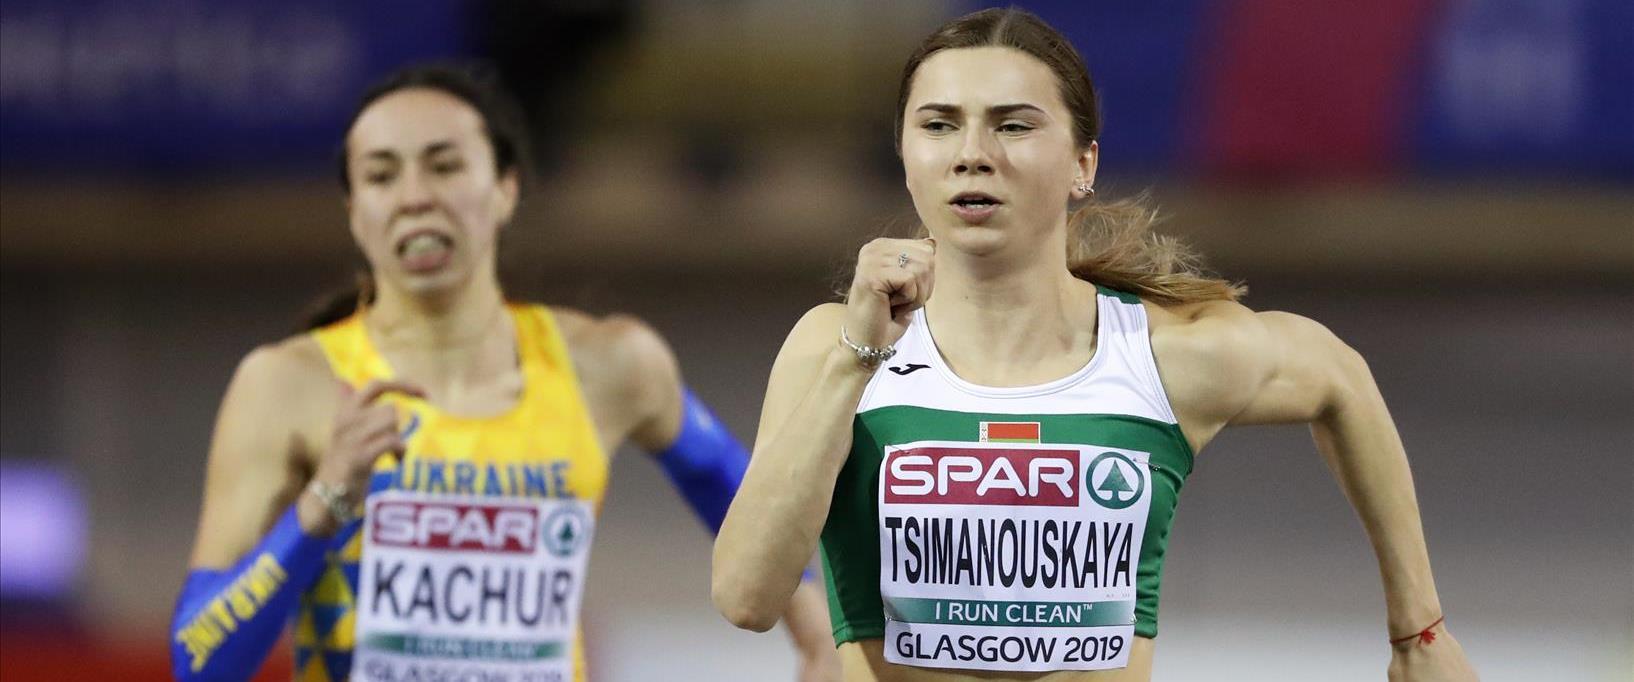 כריסטיאנה טסימונסקיה